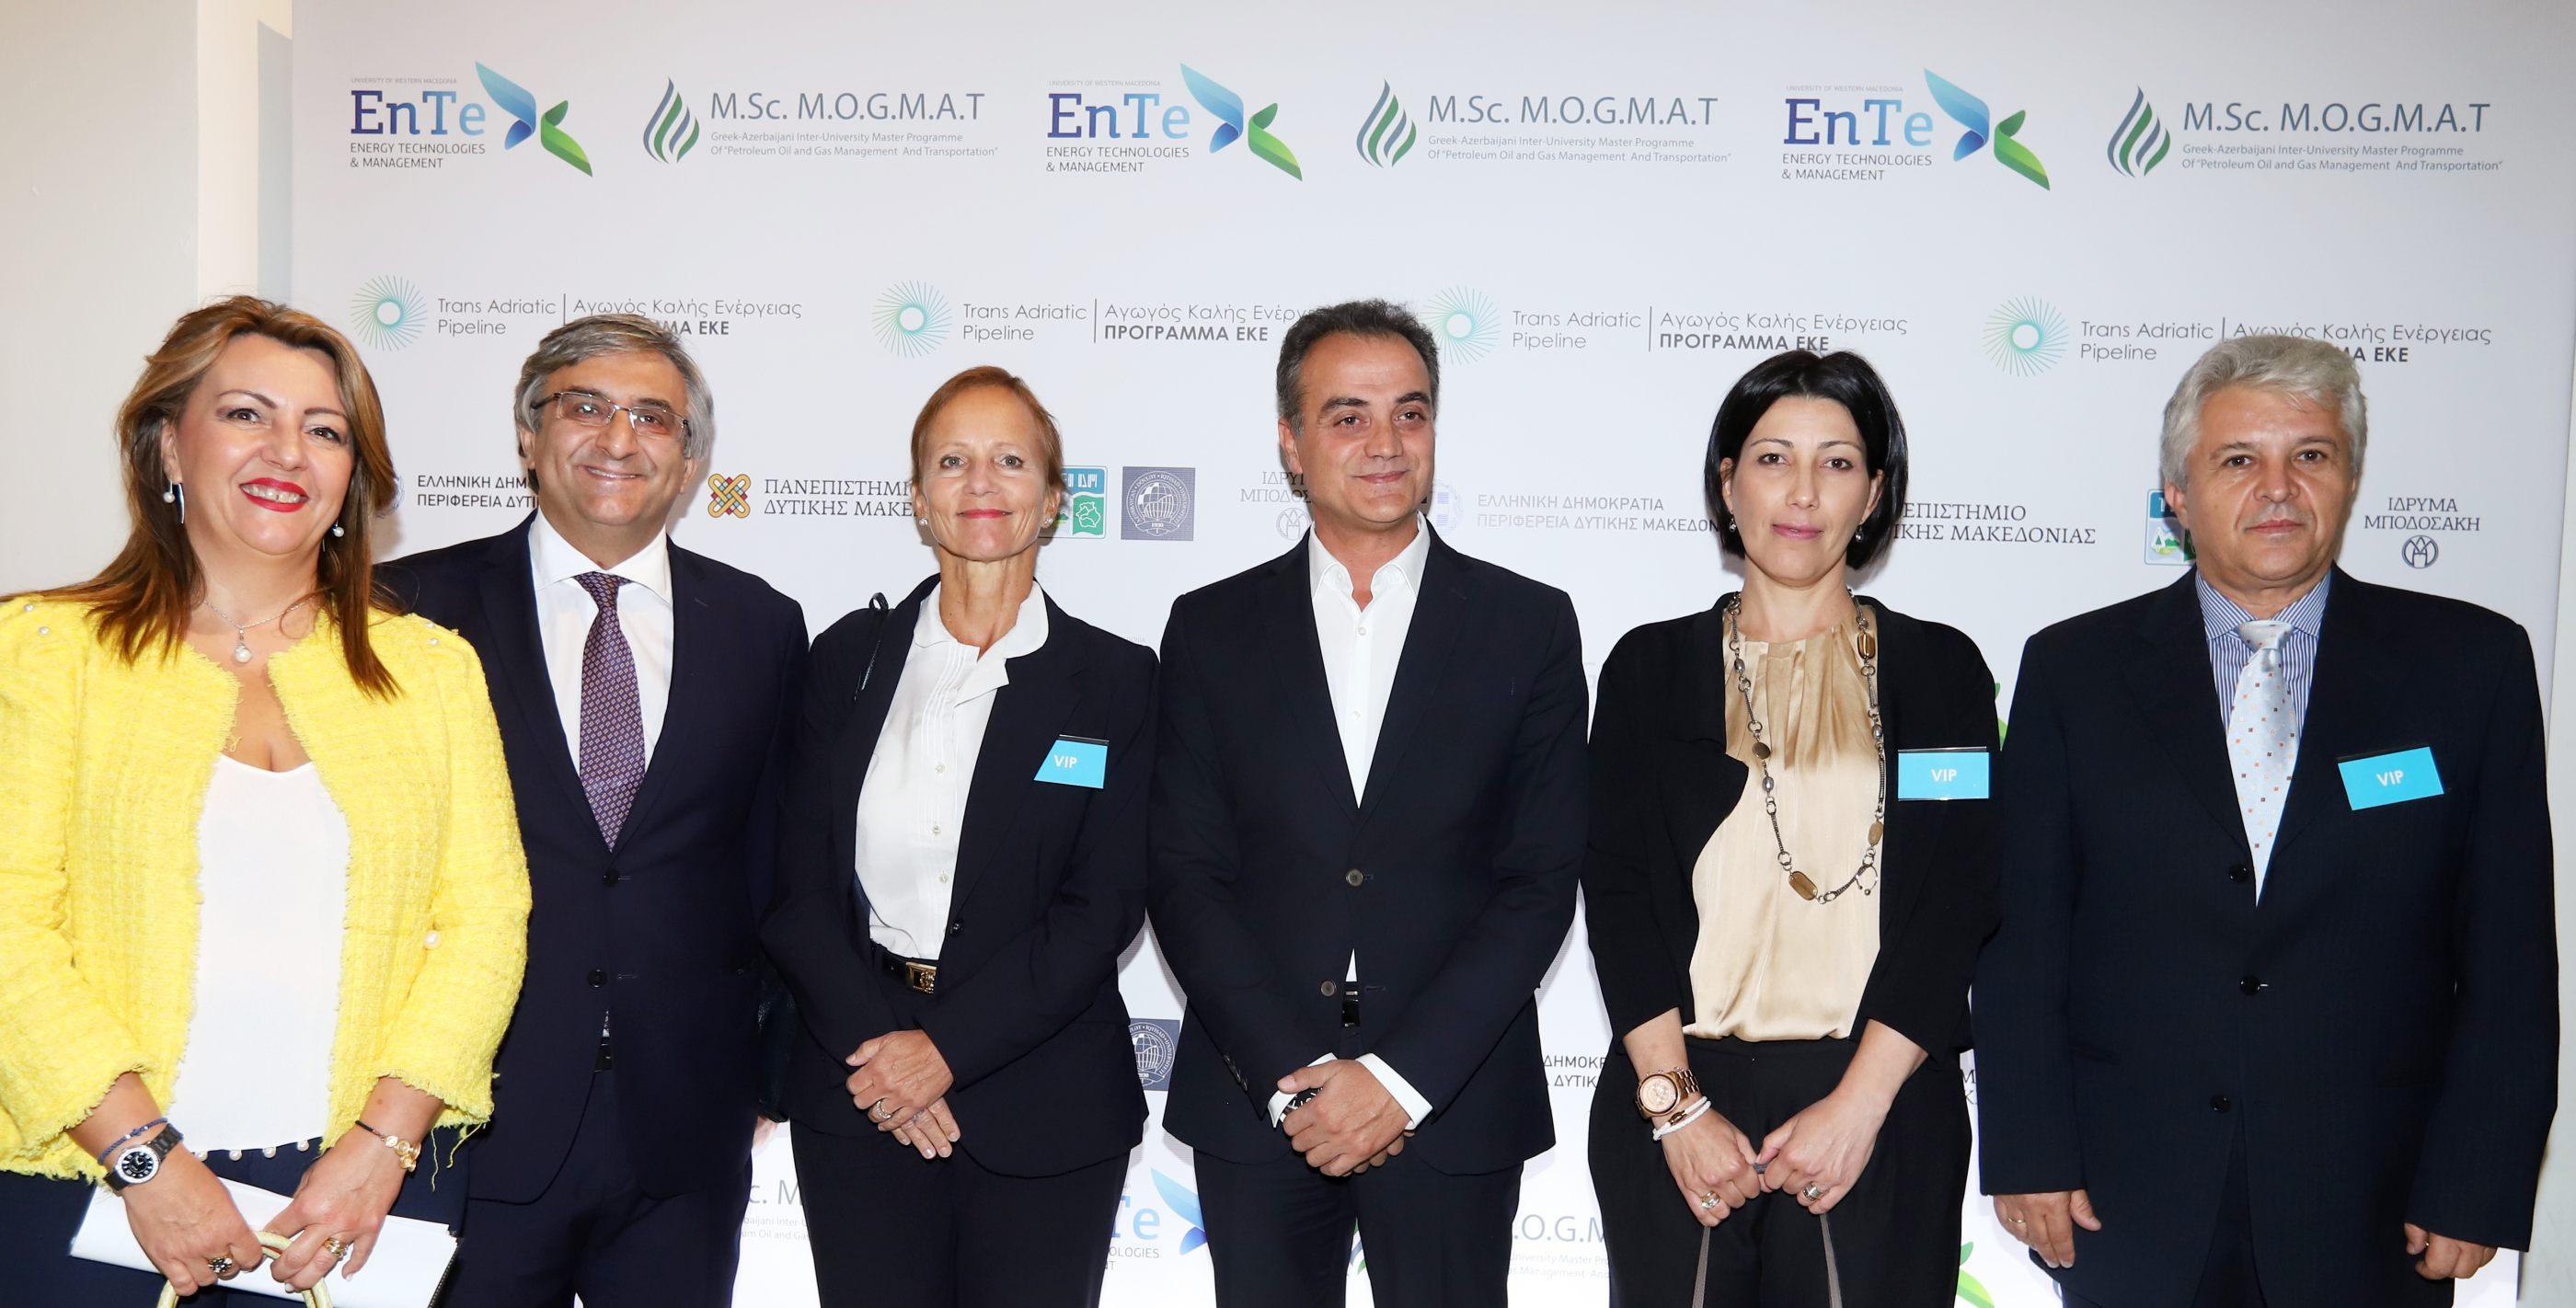 Καστοριά: Ο ΤΑΡ επενδύει €1 εκατ. σε μεταπτυχιακά προγράμματα στον τομέα της Ενέργειας (Φωτογραφίες)